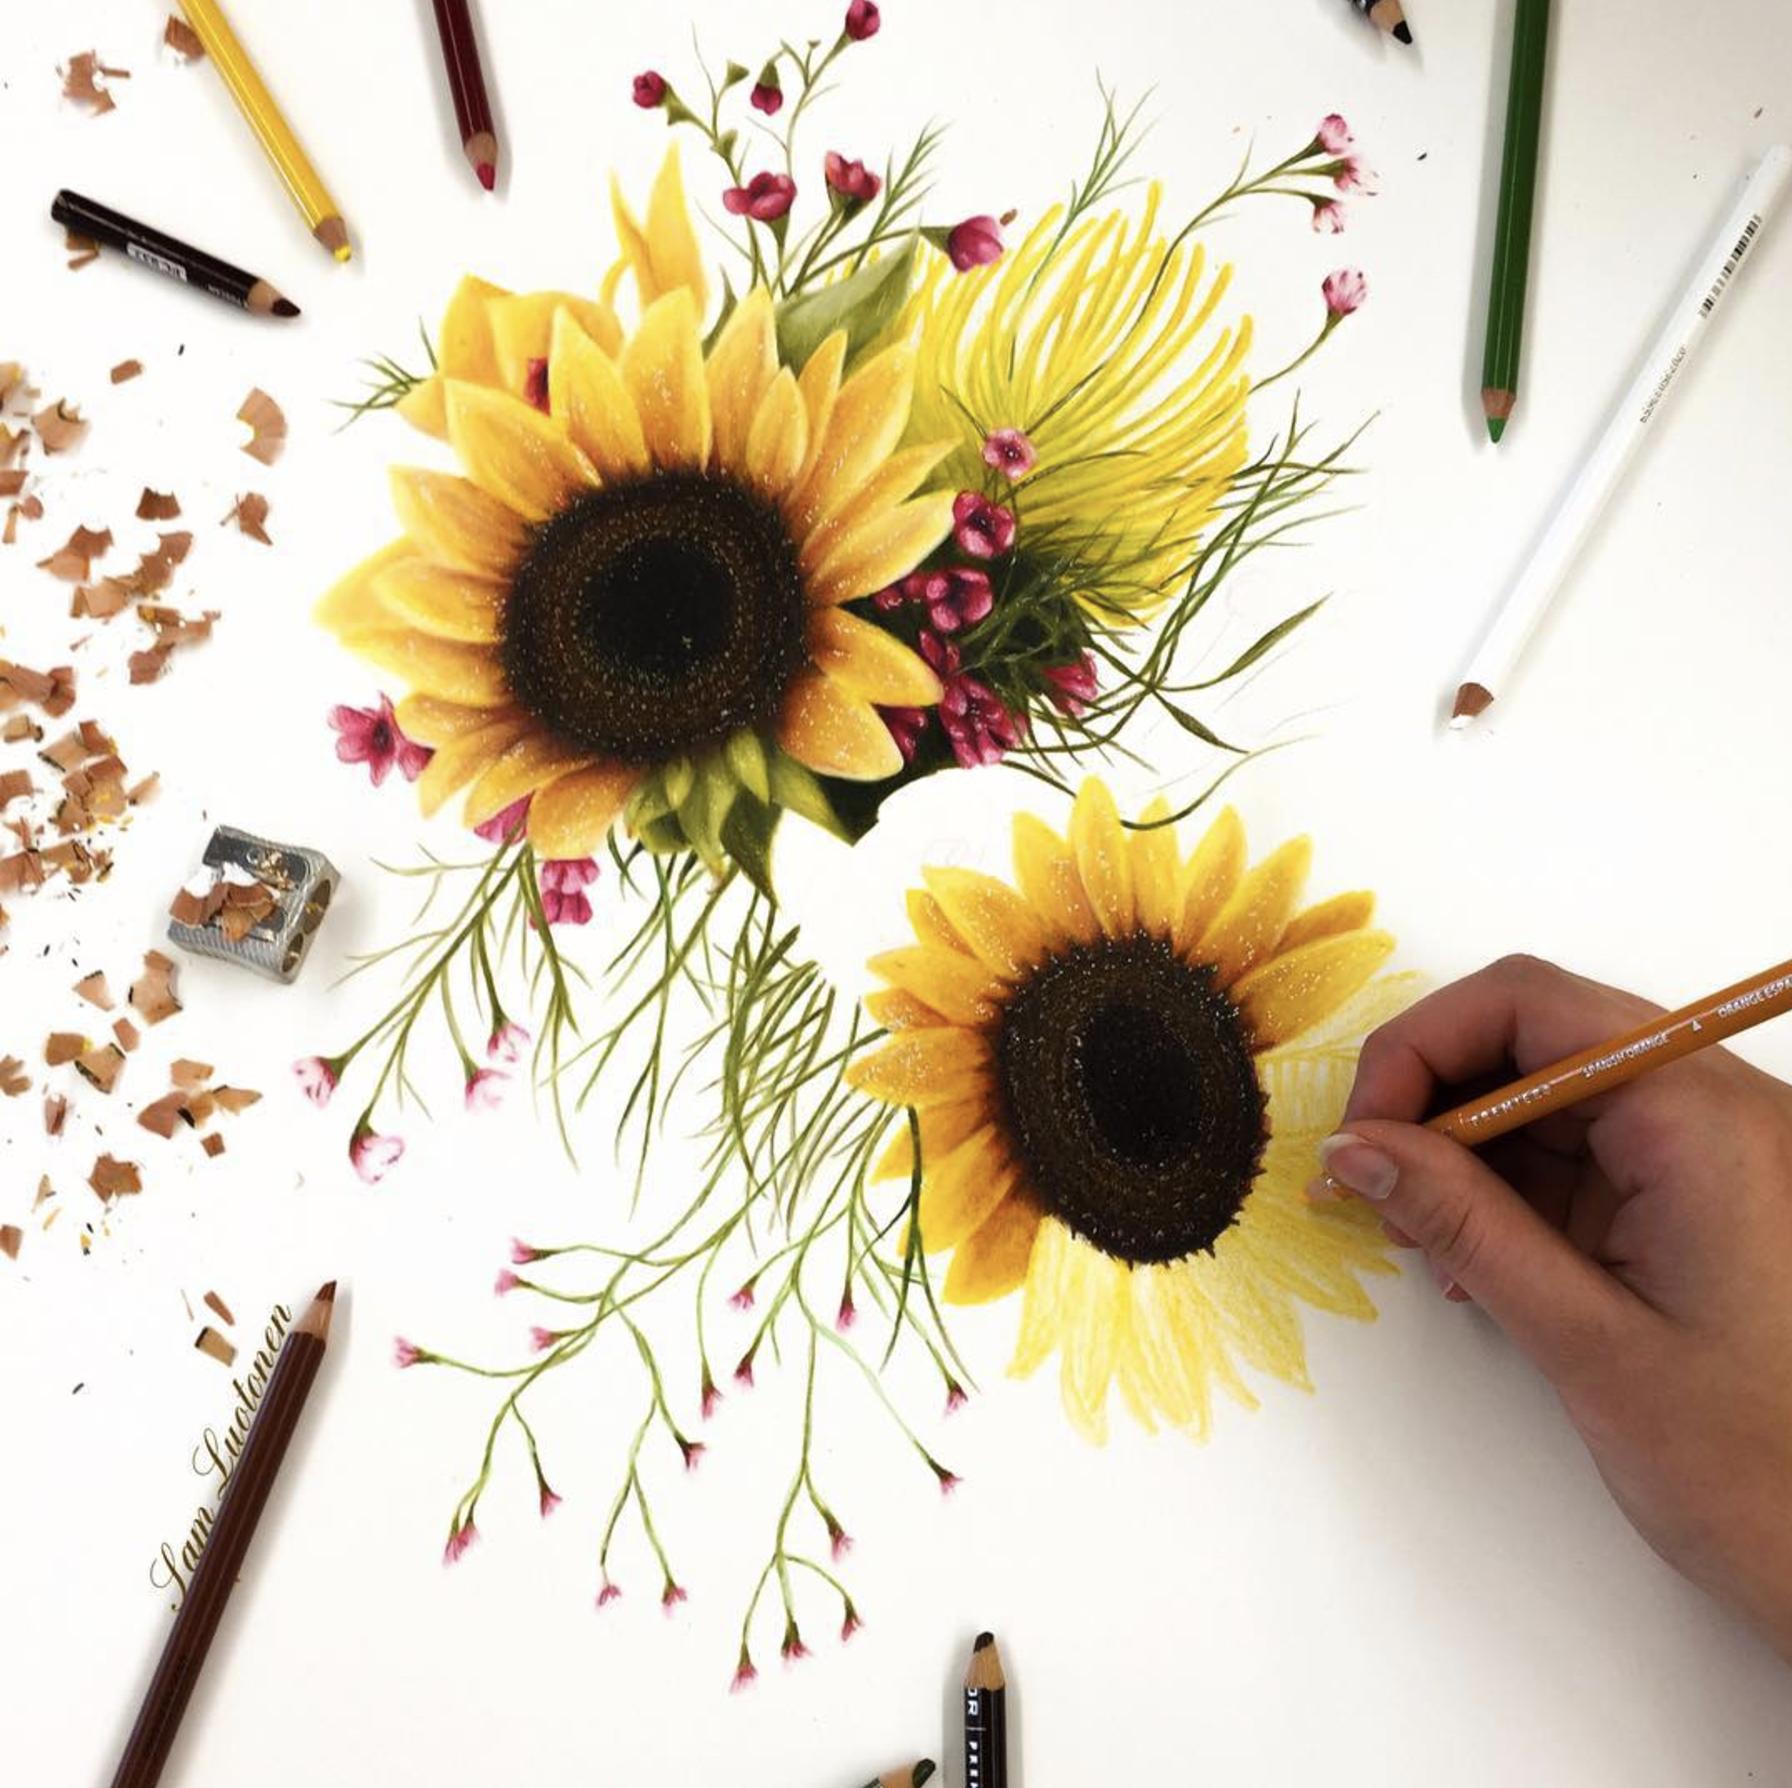 SamLuotonenSunflowers